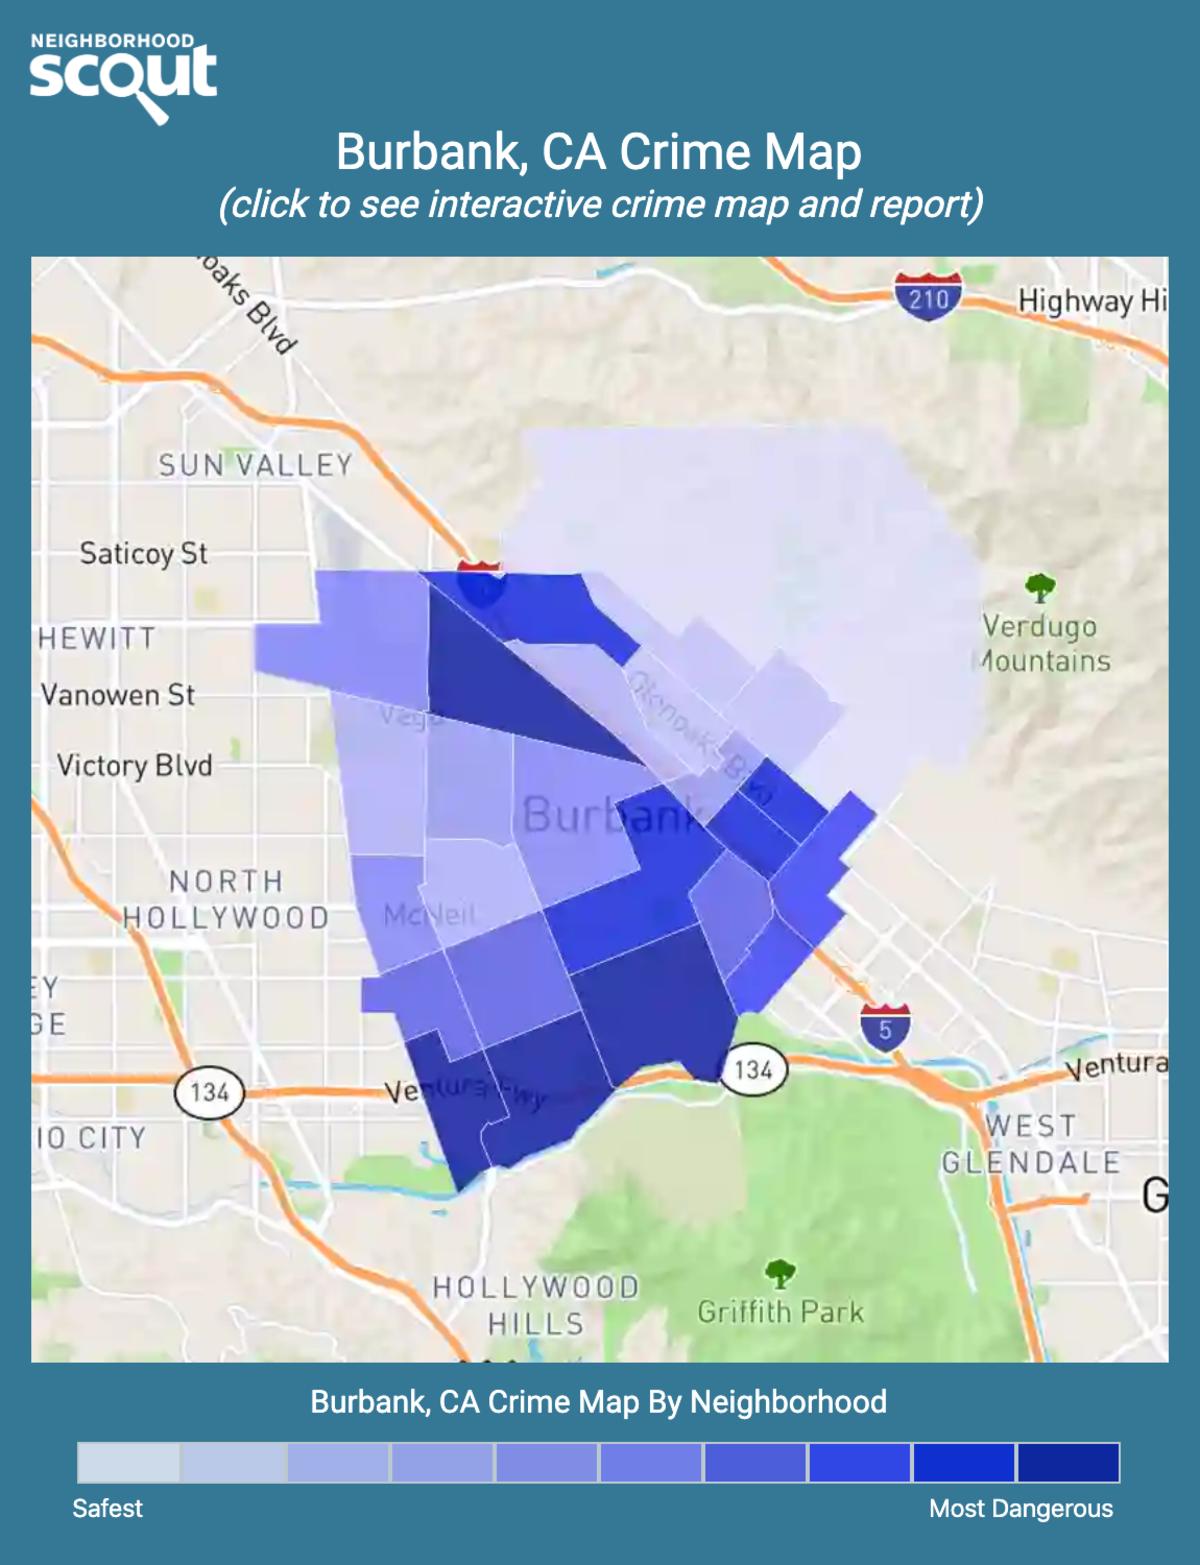 Burbank, California crime map